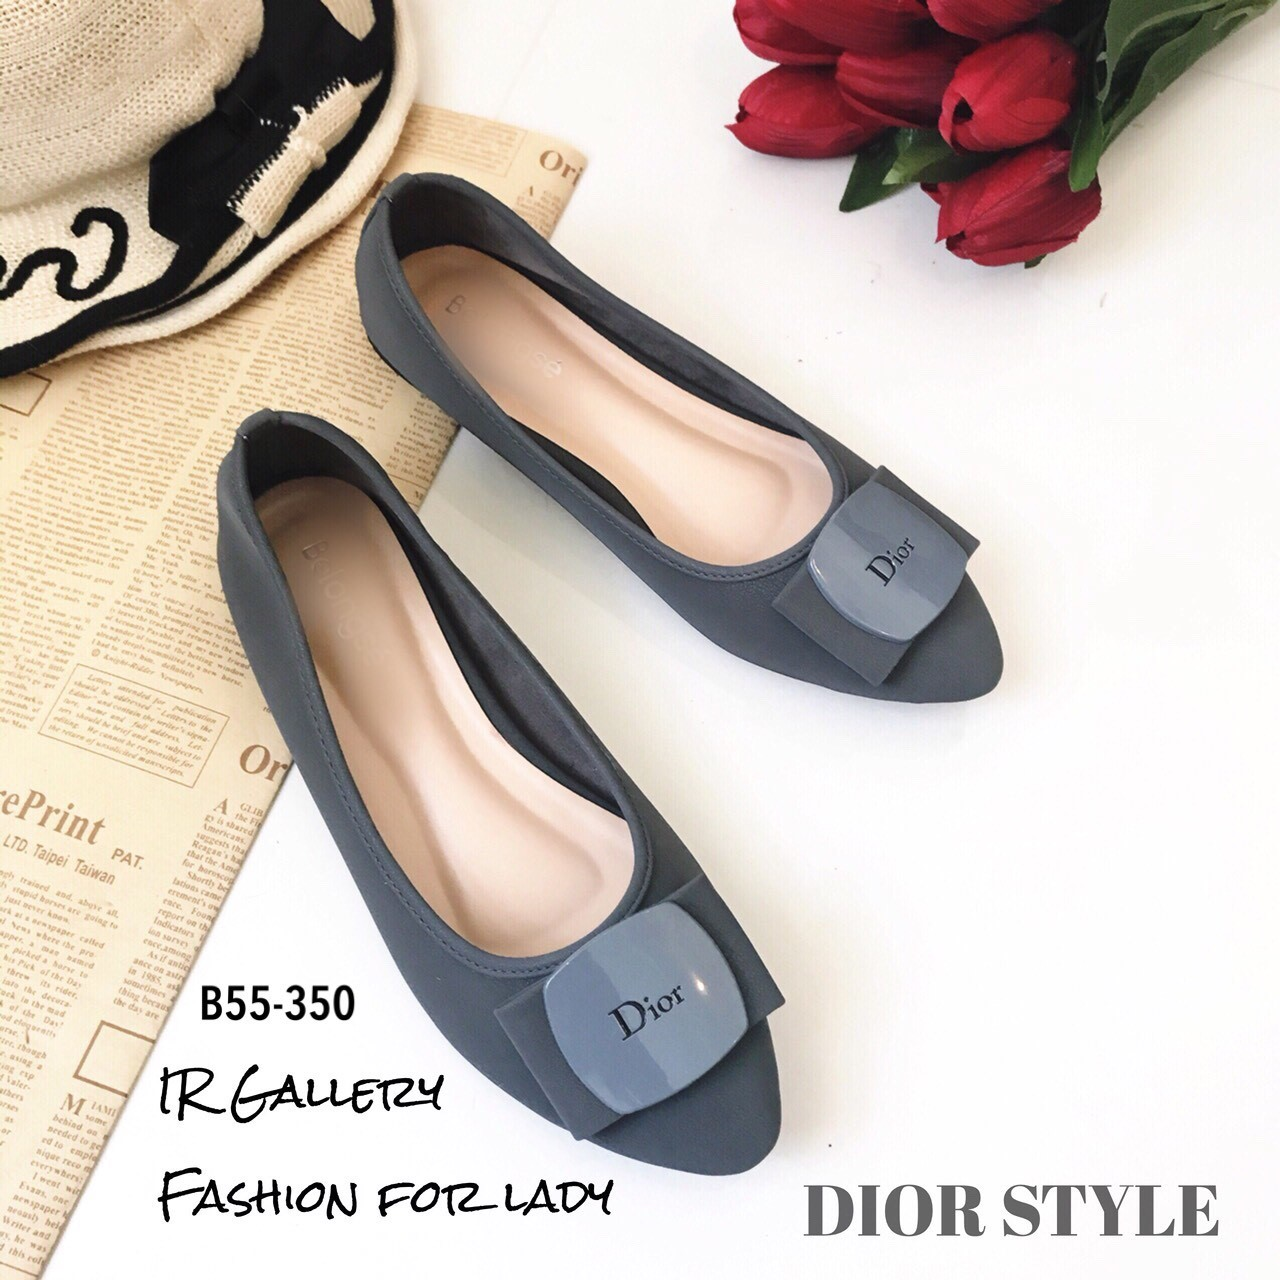 รองเท้าคัทชูส้นแบน Style Dior (สีเทา)